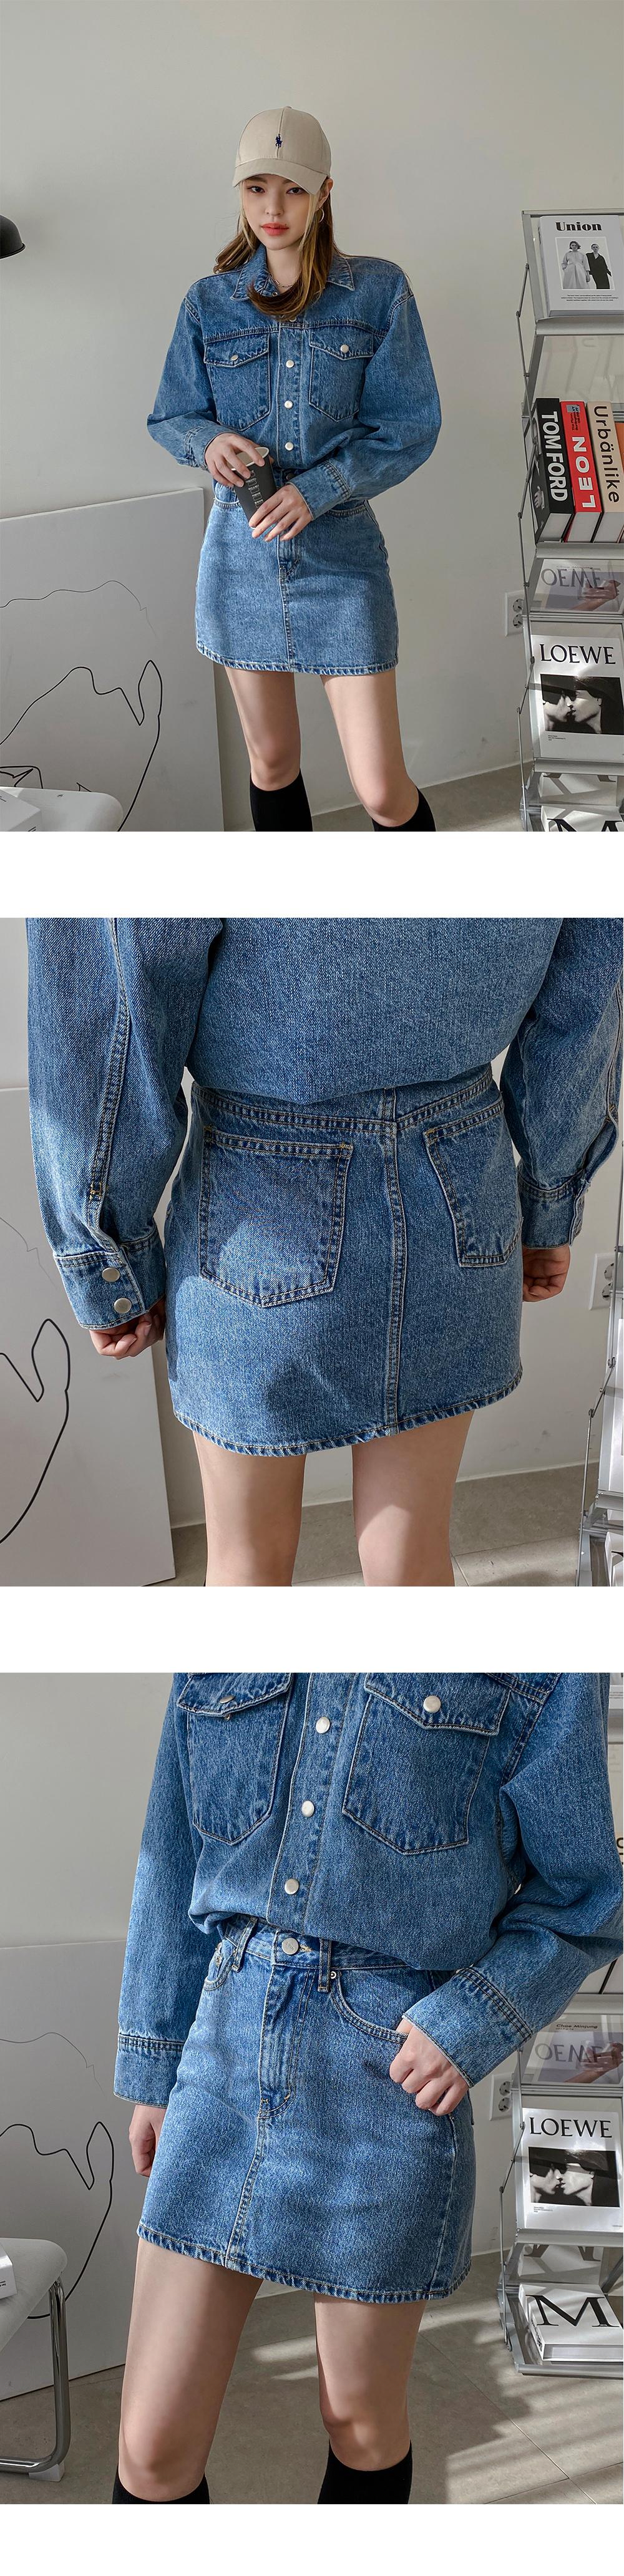 Rosley mini denim skirt